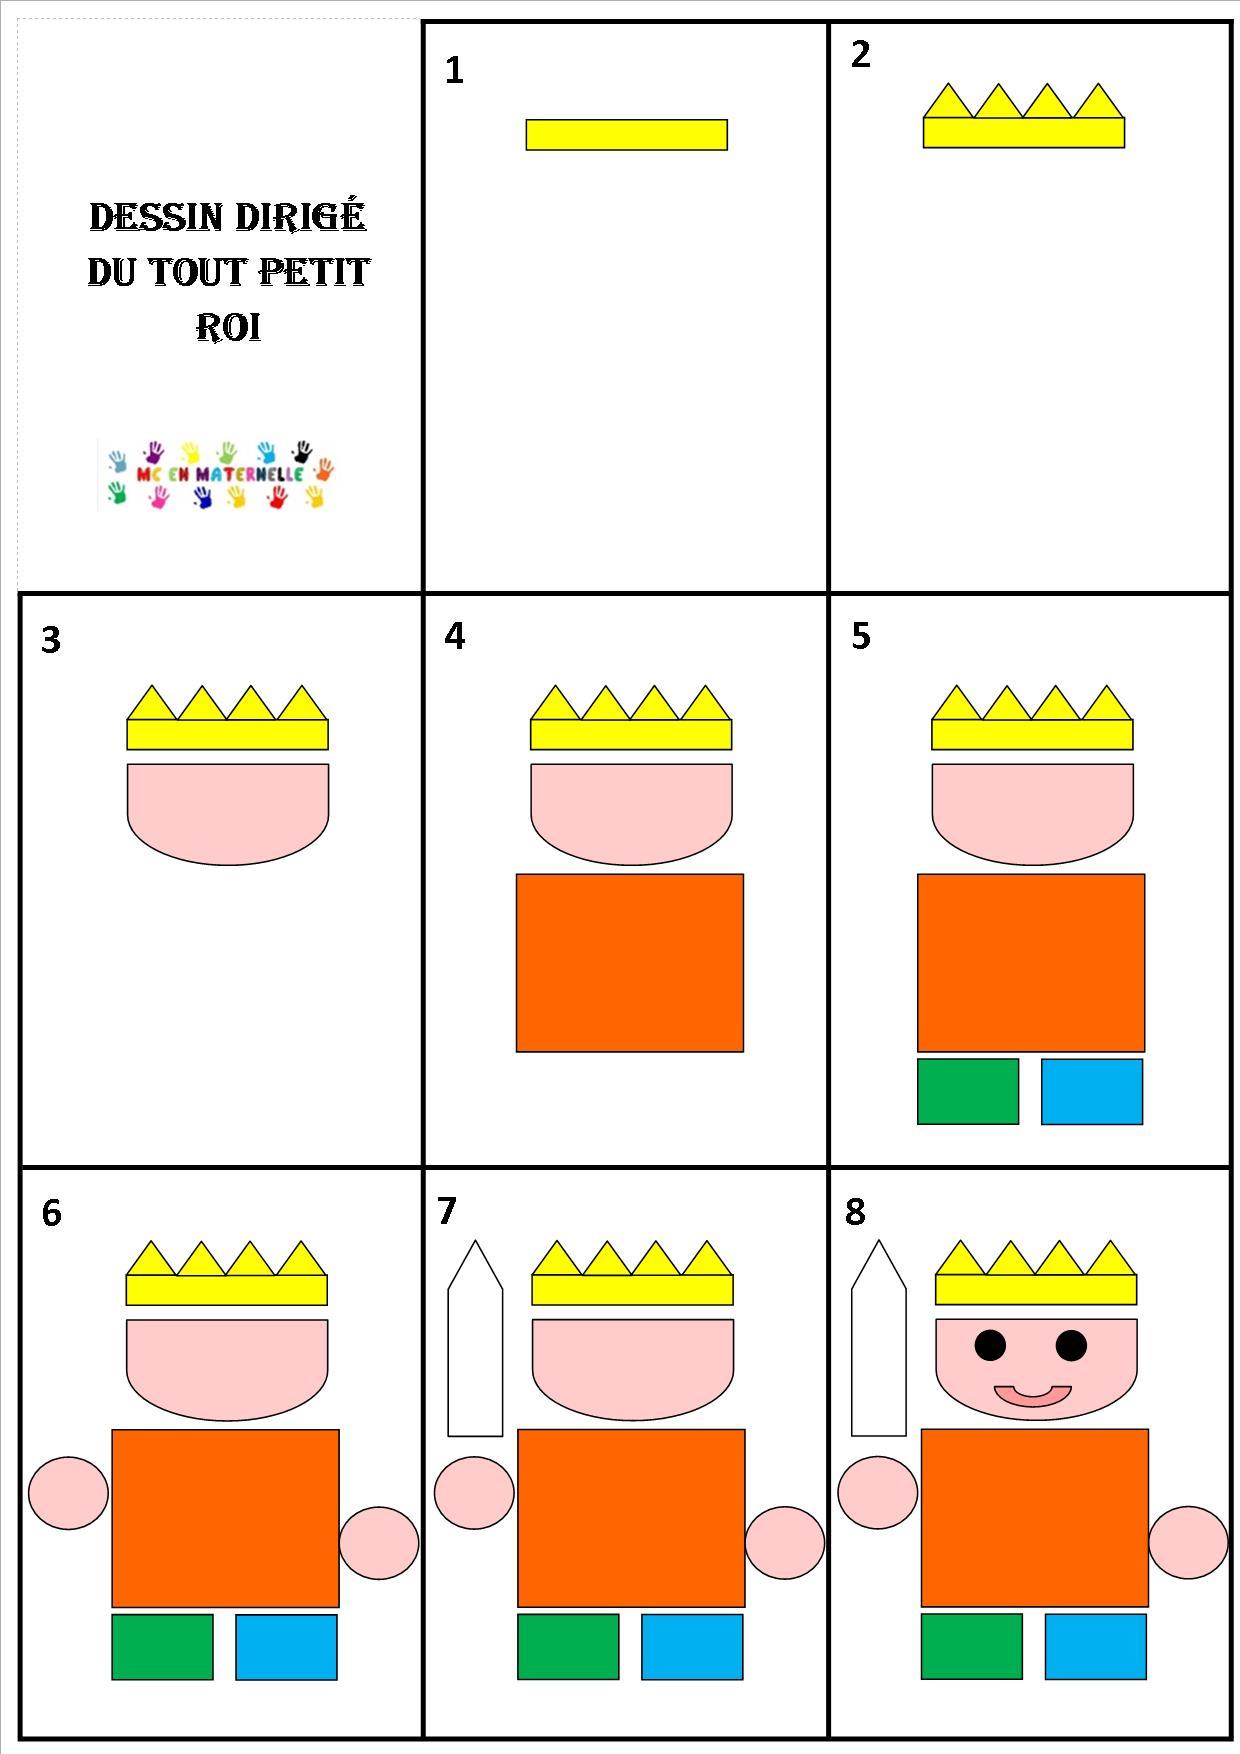 Le Tout Petit Roi Dessin Dirige Du Roi Et De La Princesse Mc En Maternelle